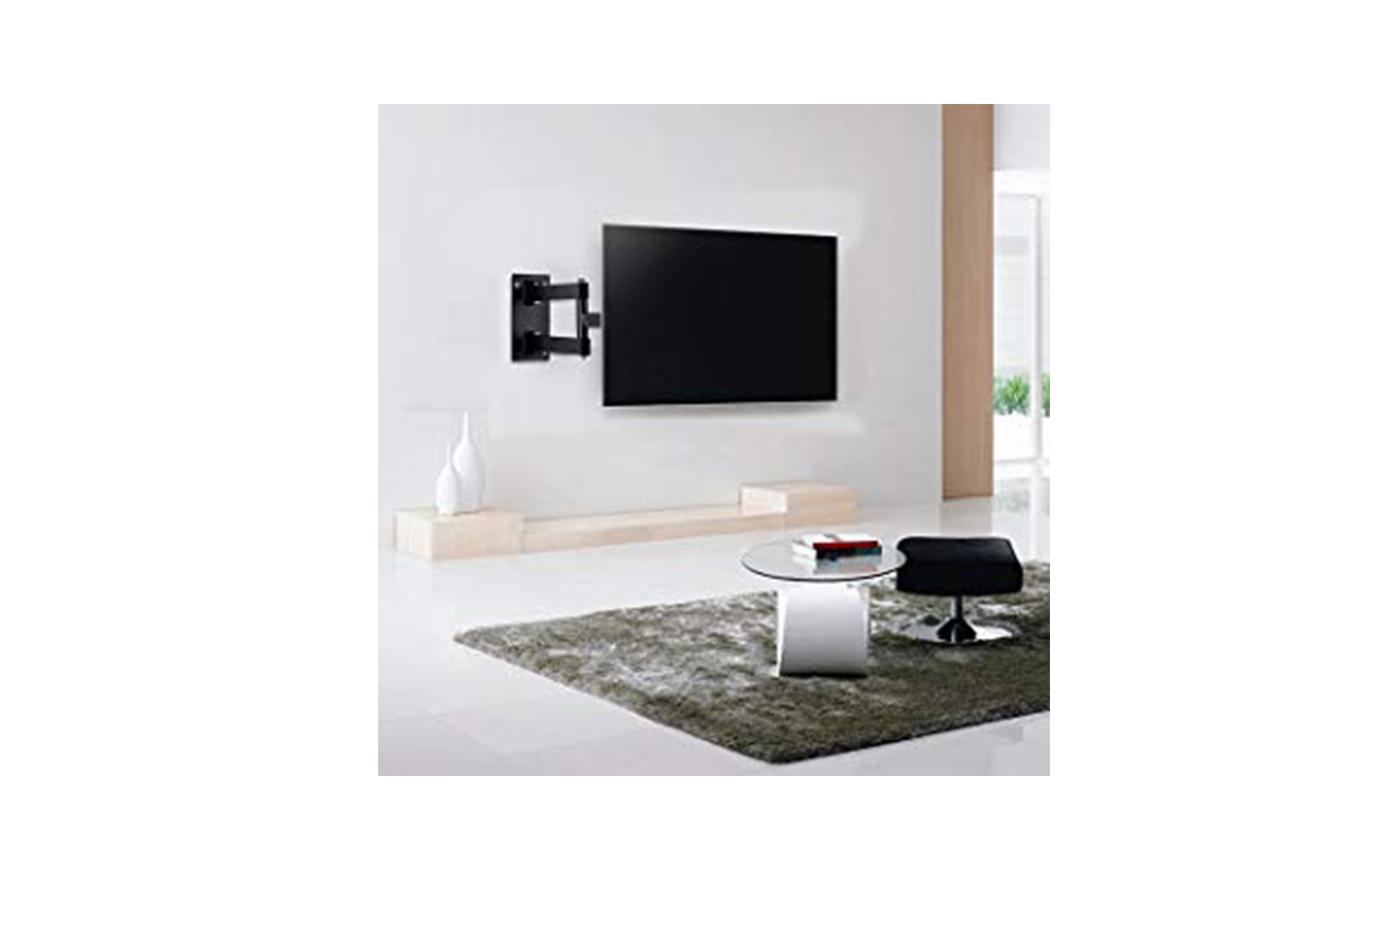 Porta Tv Da Muro.Dettagli Su Supporto Tv Staffa Braccio Lcd Porta Tv Da Parete Da 10 A 27 Hdl 118